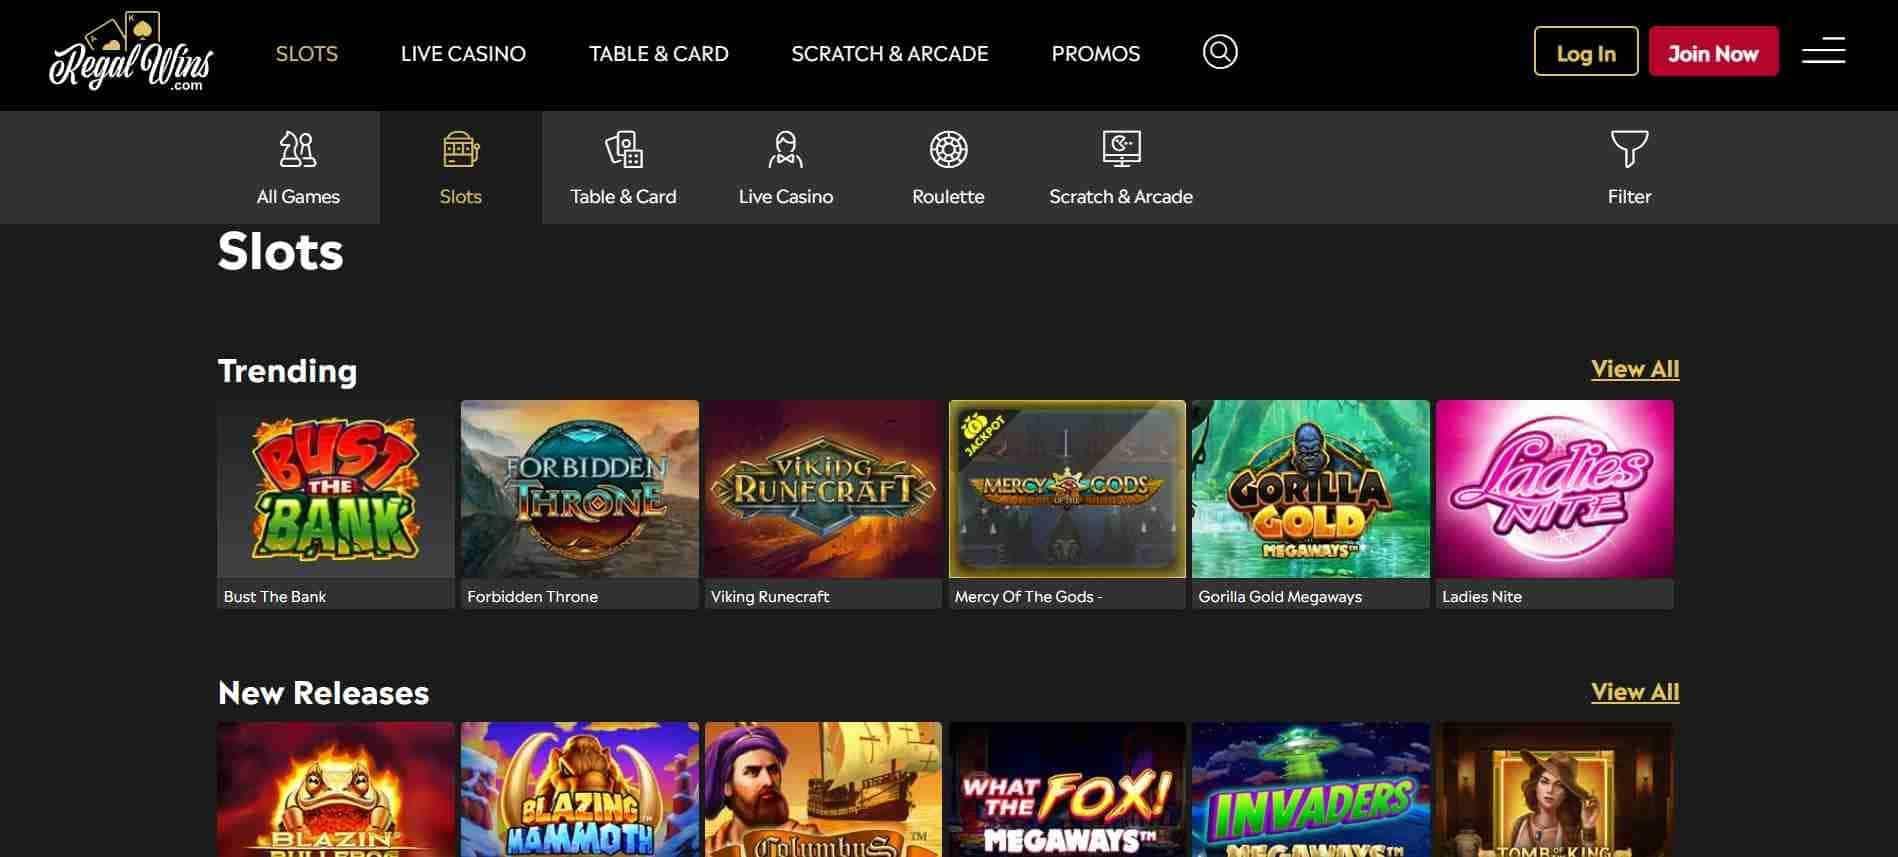 Regal Wins Casino Slots